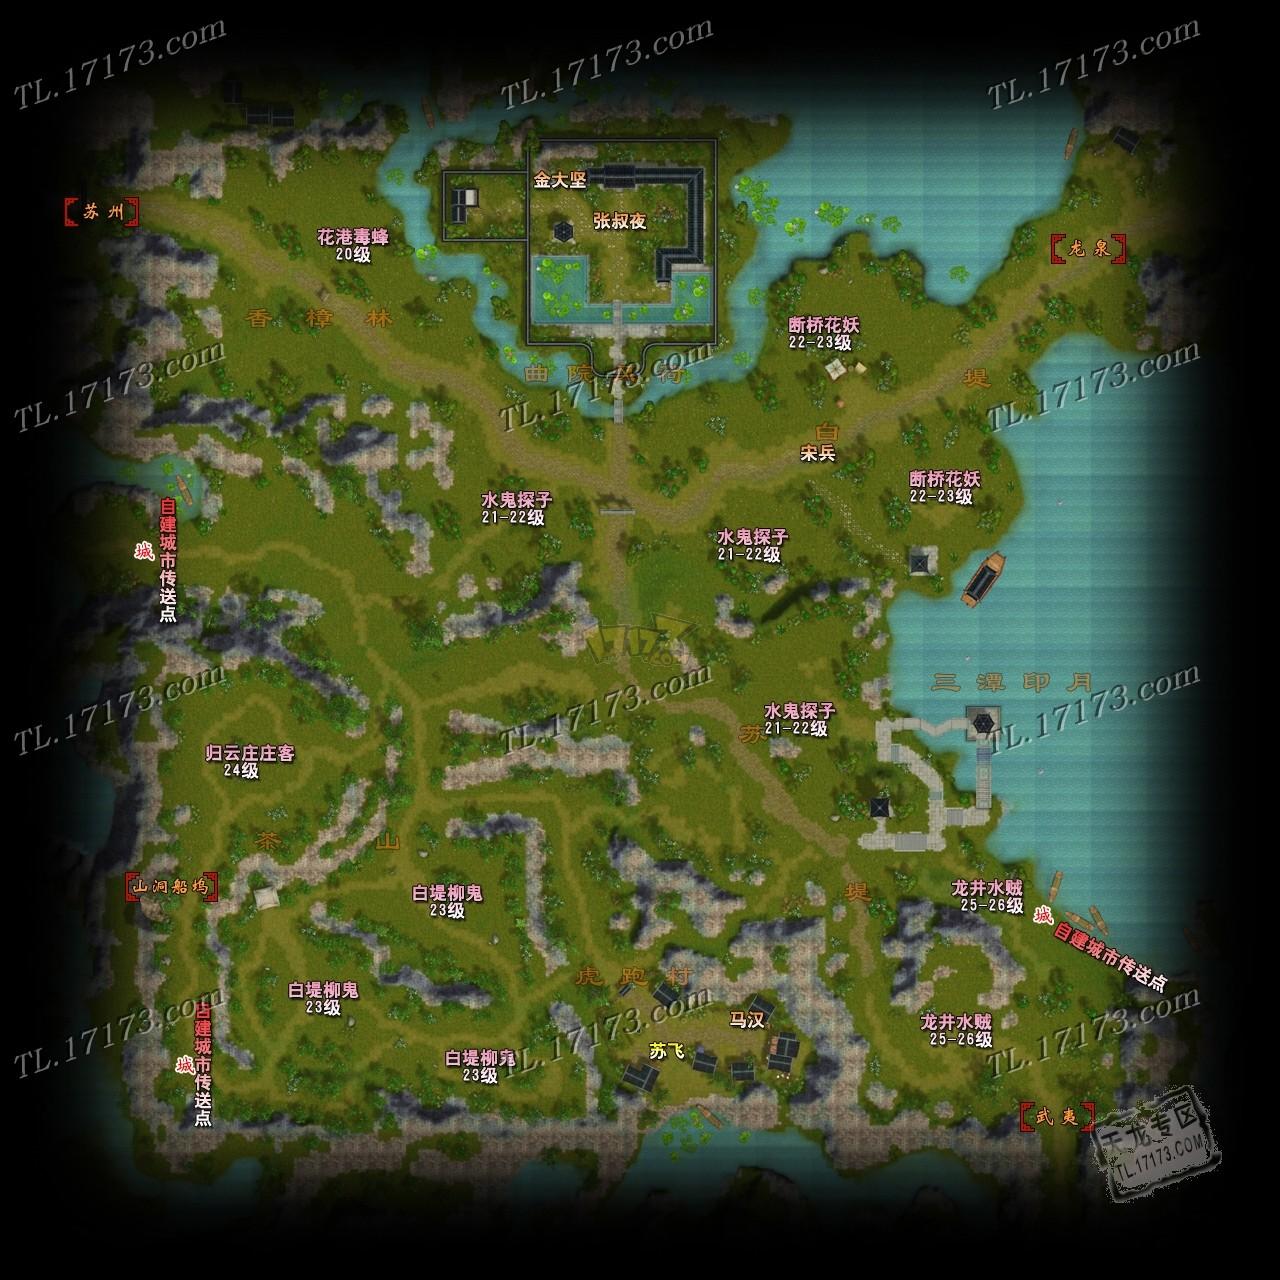 西湖断桥手绘地图